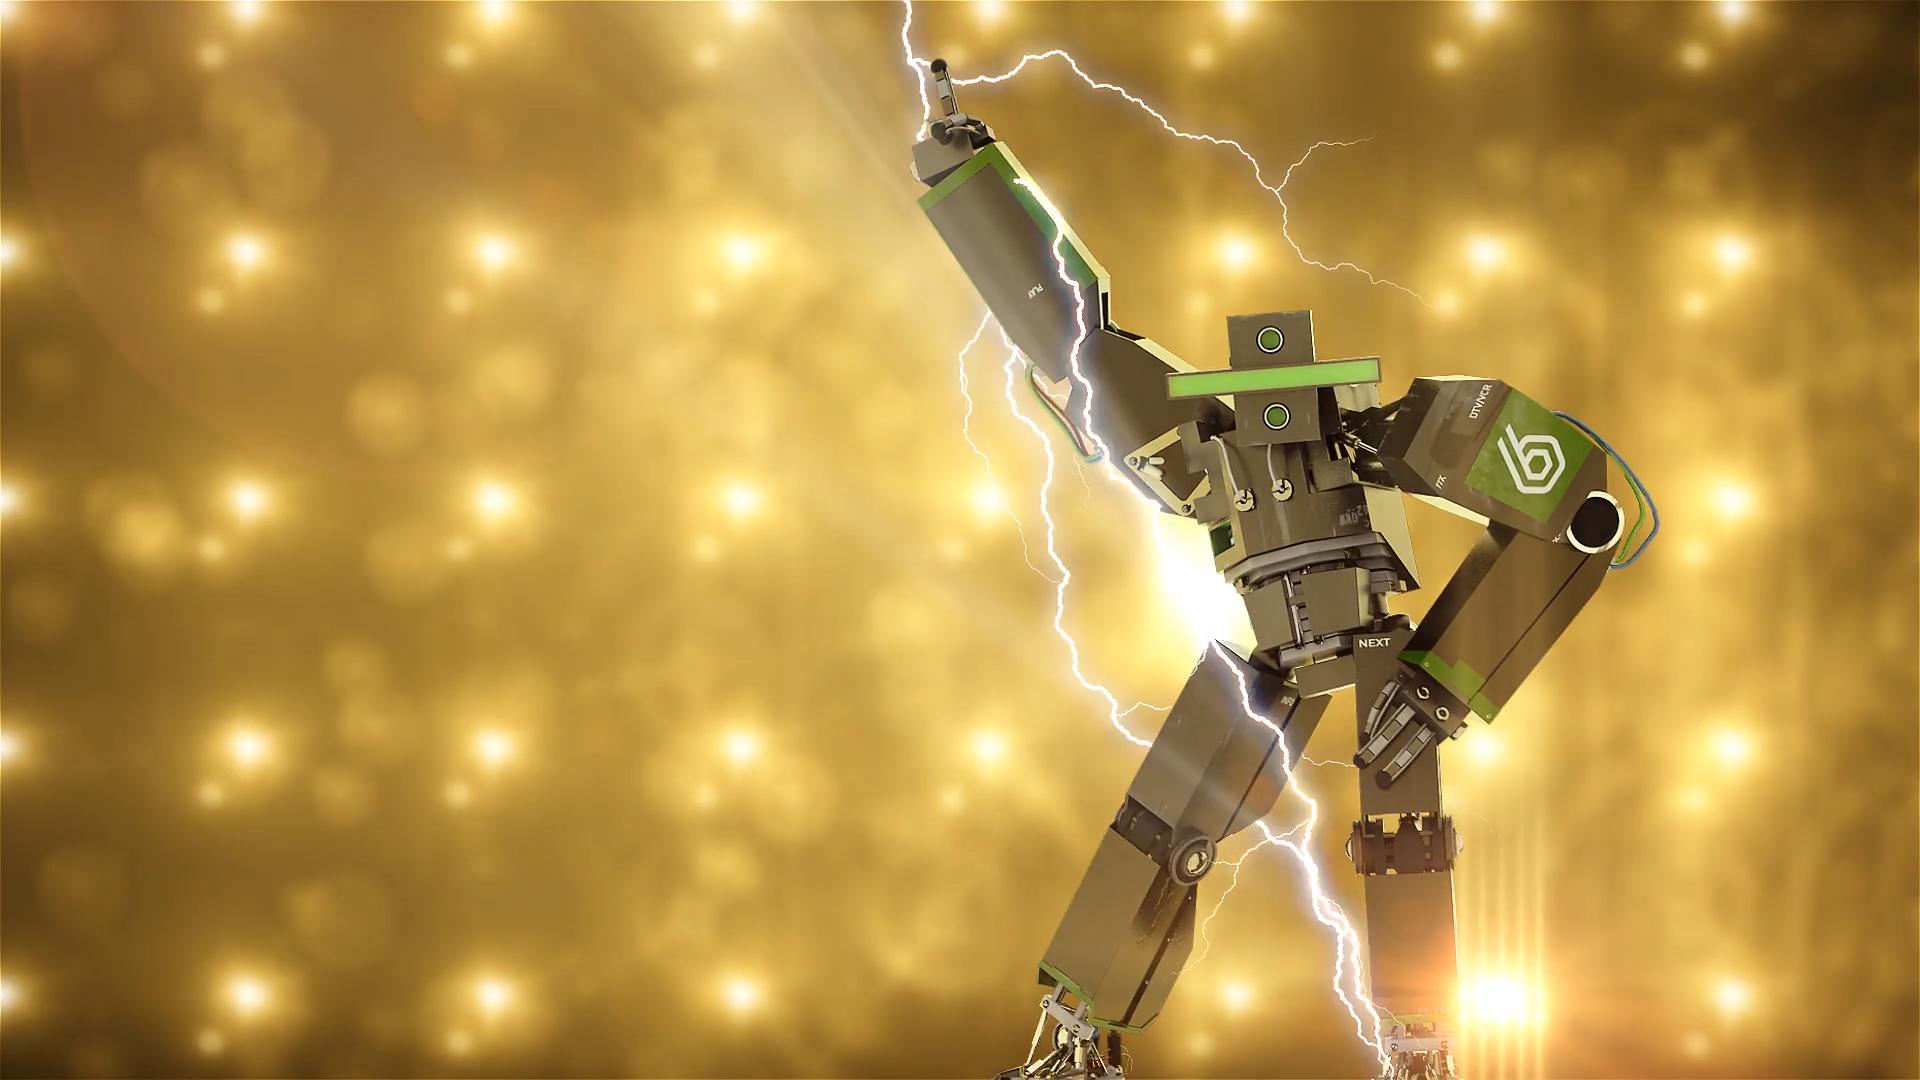 robot-la-sexta-el-exilio-animacion-3d-modelado-texturizado-video-plato-oro-television-1920x1080